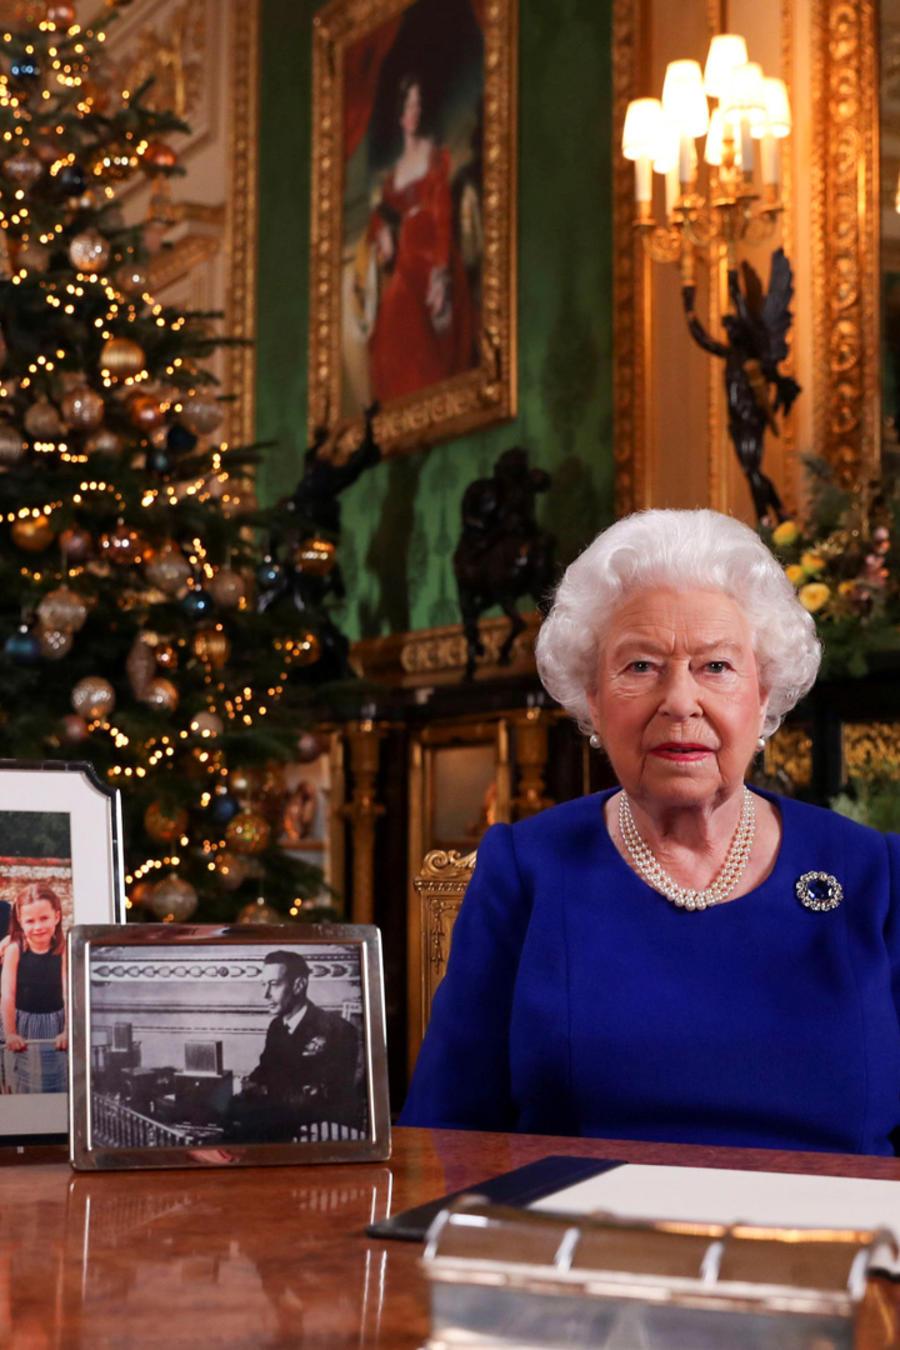 La reina Isabel en una imagen de su discurso pregrabado que se transmite el día de Navidad.